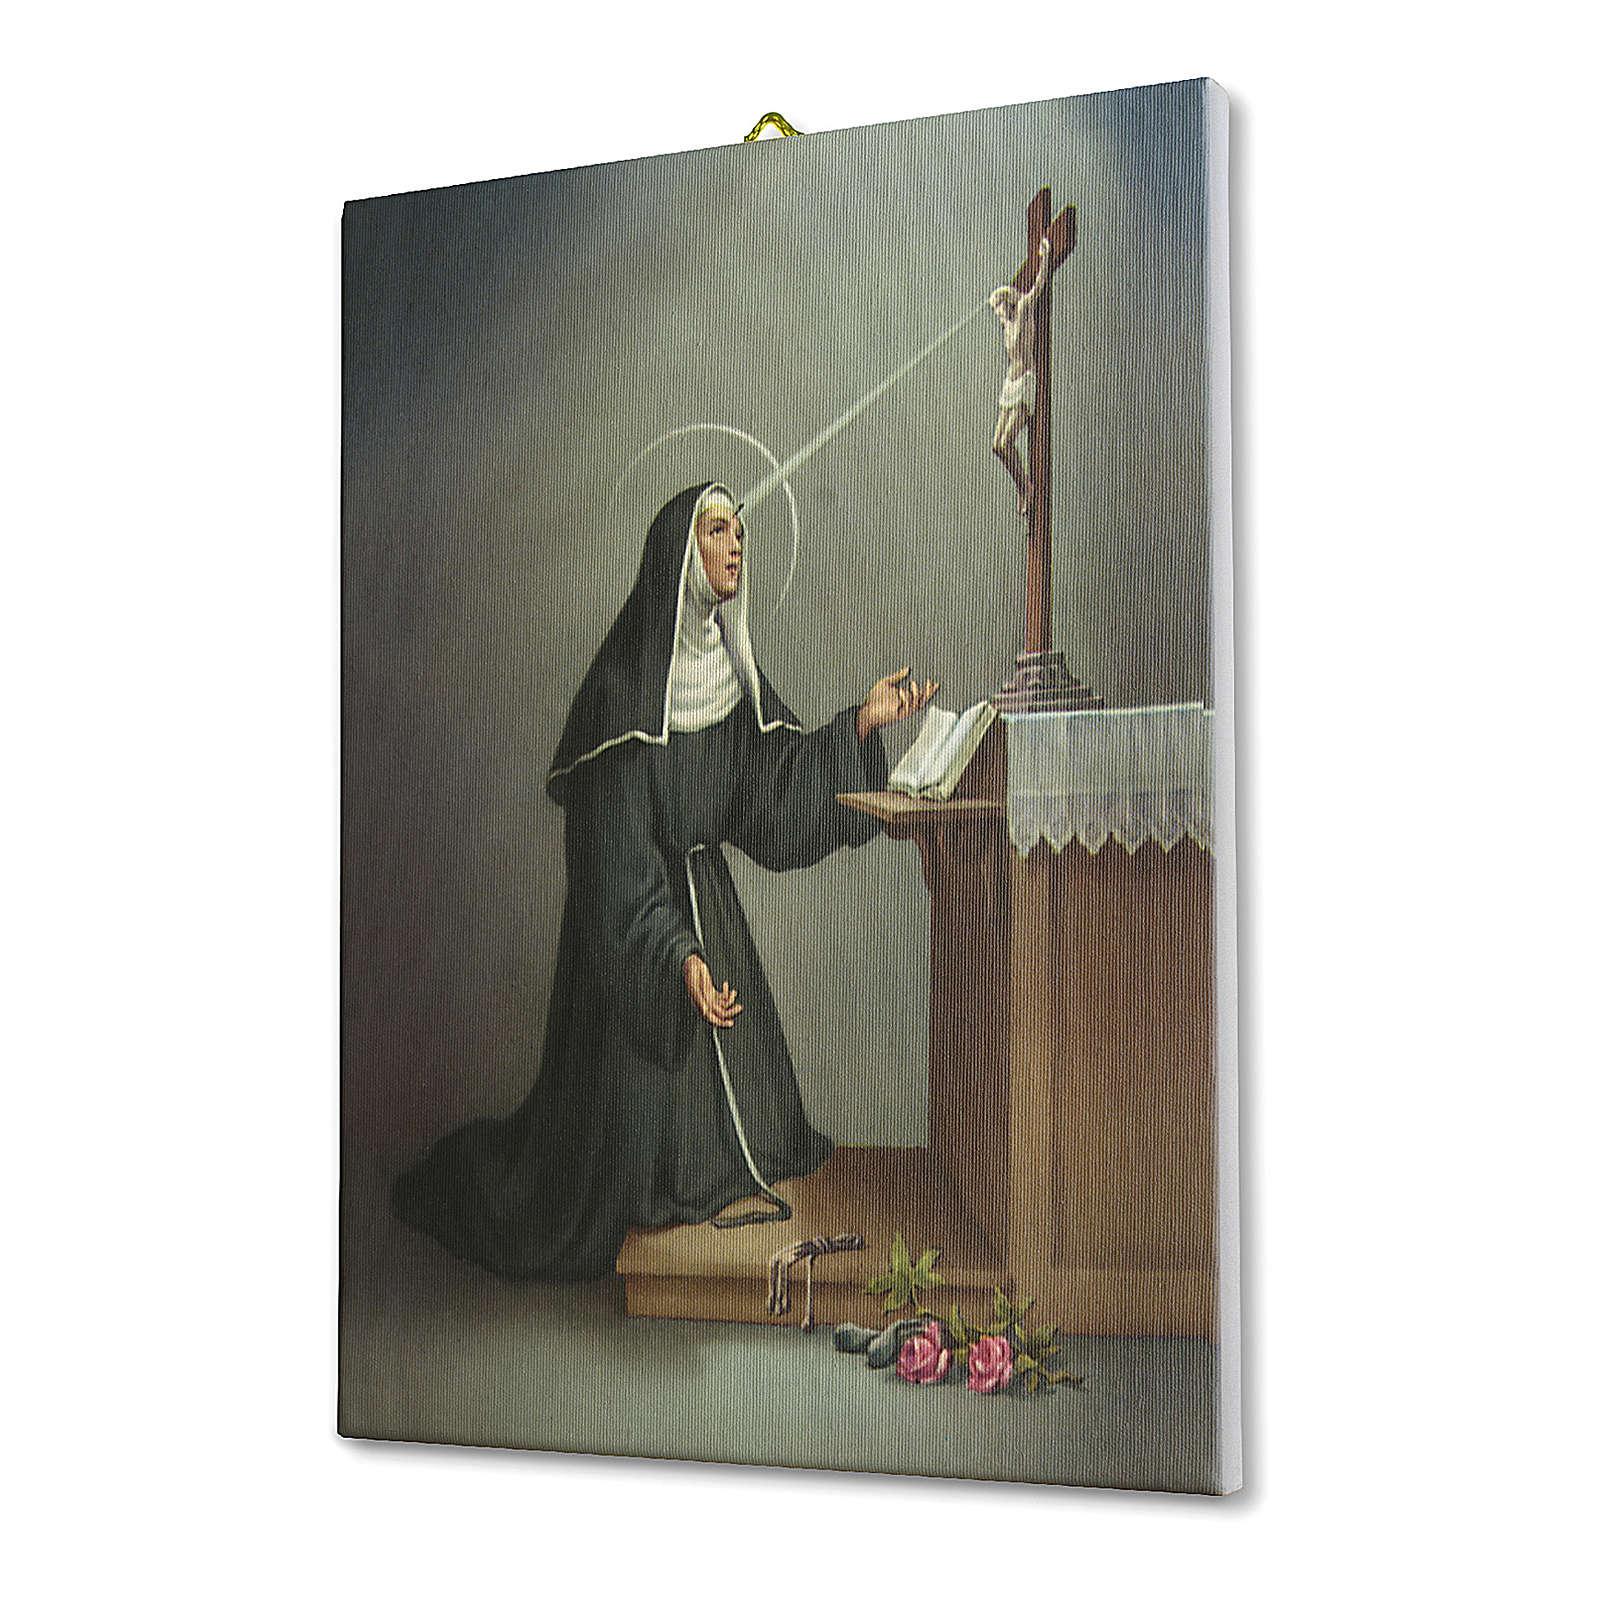 Obraz na płótnie święta Rita z Cascia 40x30cm 3